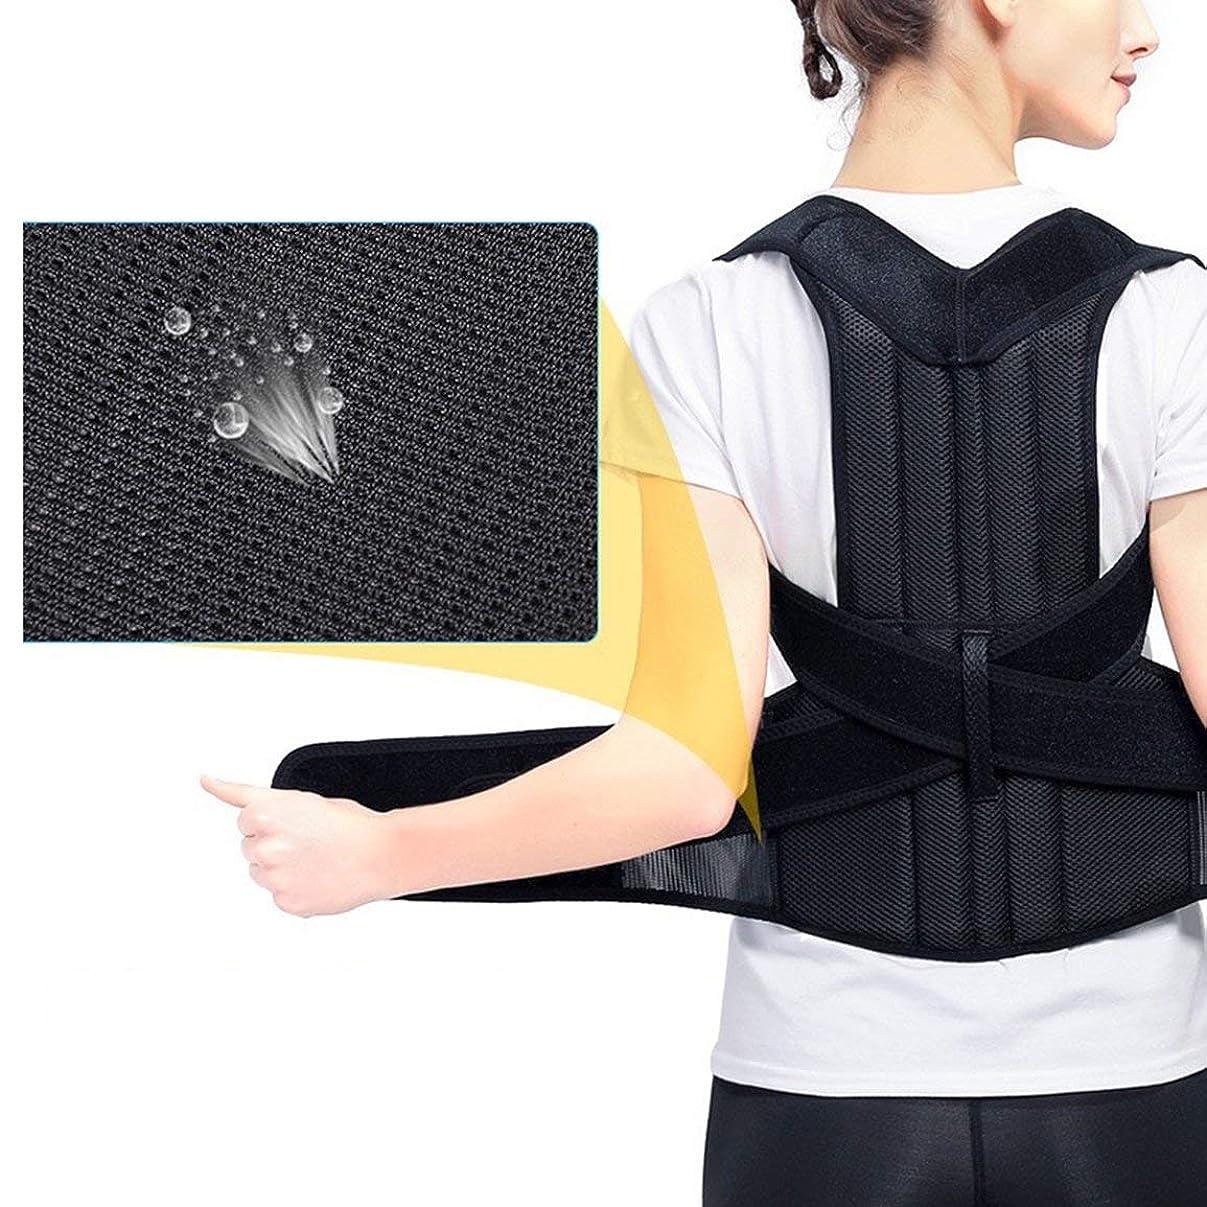 のヒープコンパイル好き腰椎矯正バックブレース背骨装具側弯症腰椎サポート脊椎湾曲装具固定用姿勢 - 黒